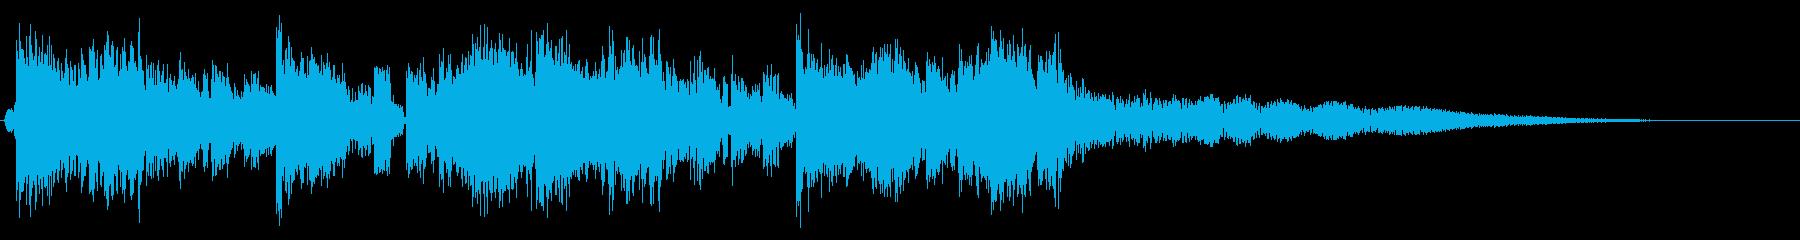 ジングル ダブステップ EDMの再生済みの波形